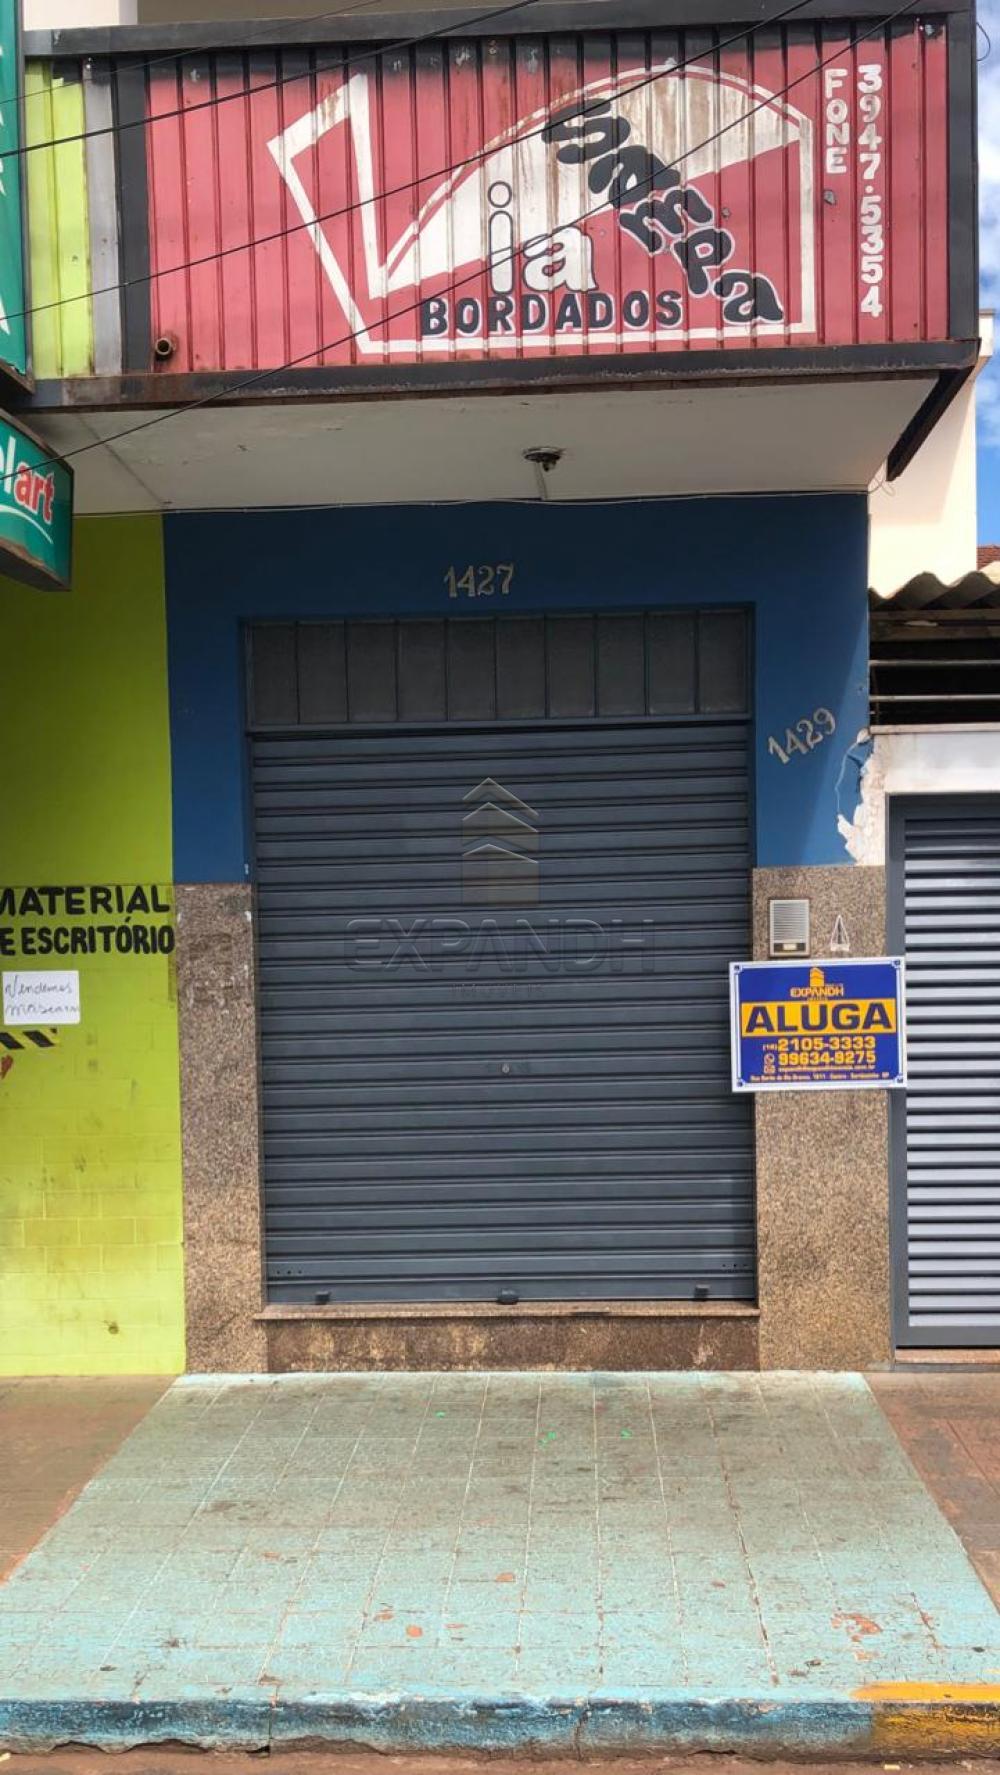 Alugar Comerciais / Salão em Sertãozinho R$ 1.000,00 - Foto 1